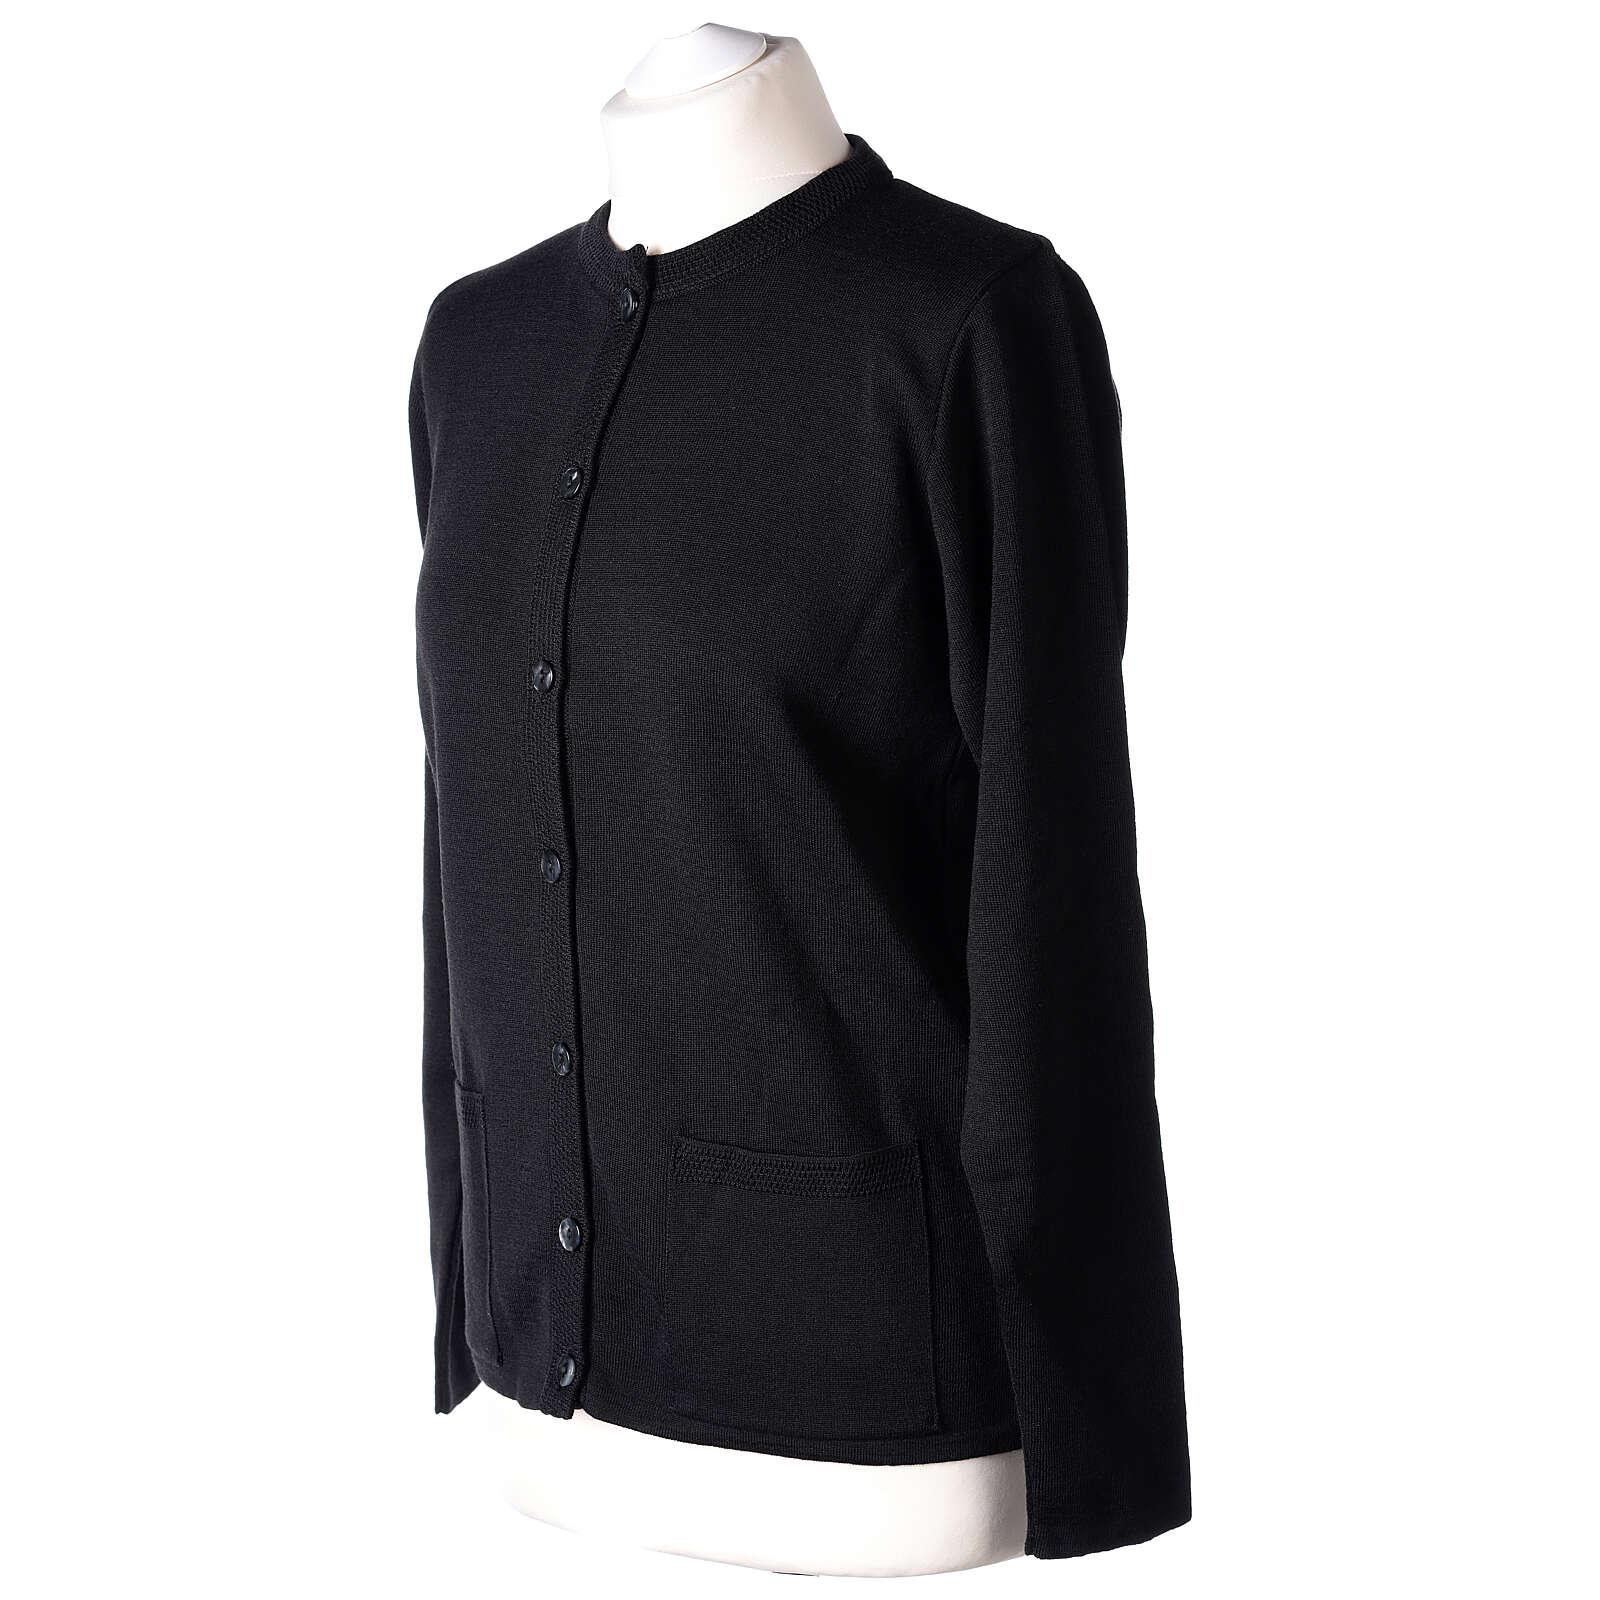 Damen-Cardigan, schwarz, mit Taschen und Rundhalsausschnitt, 50% Acryl - 50% Merinowolle, In Primis 4